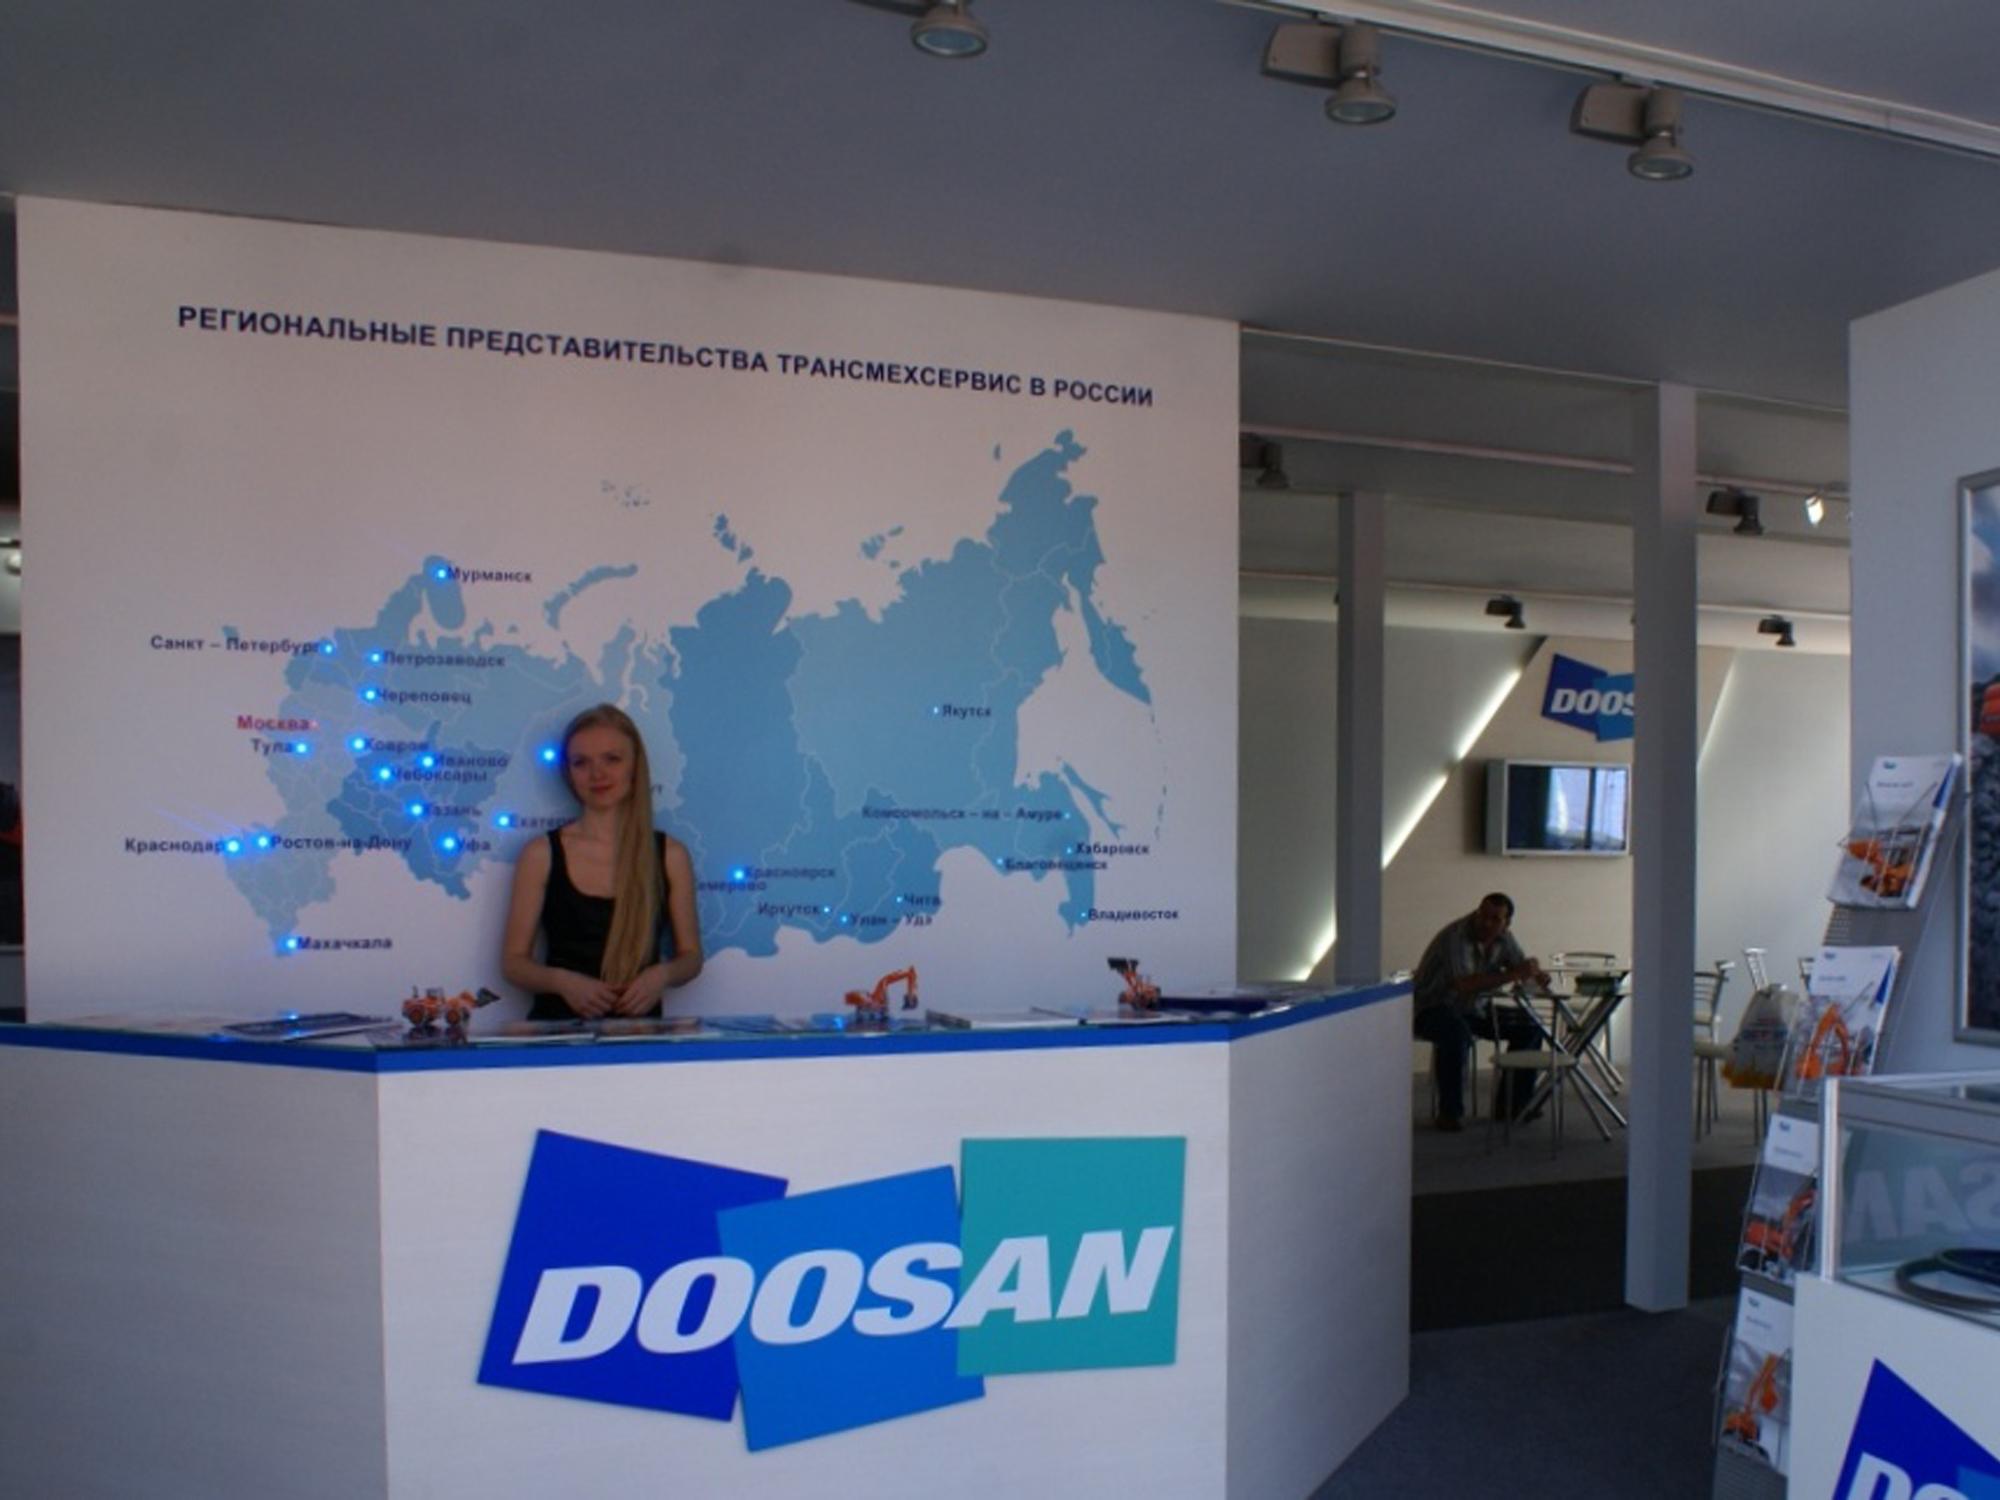 Doosan2_03